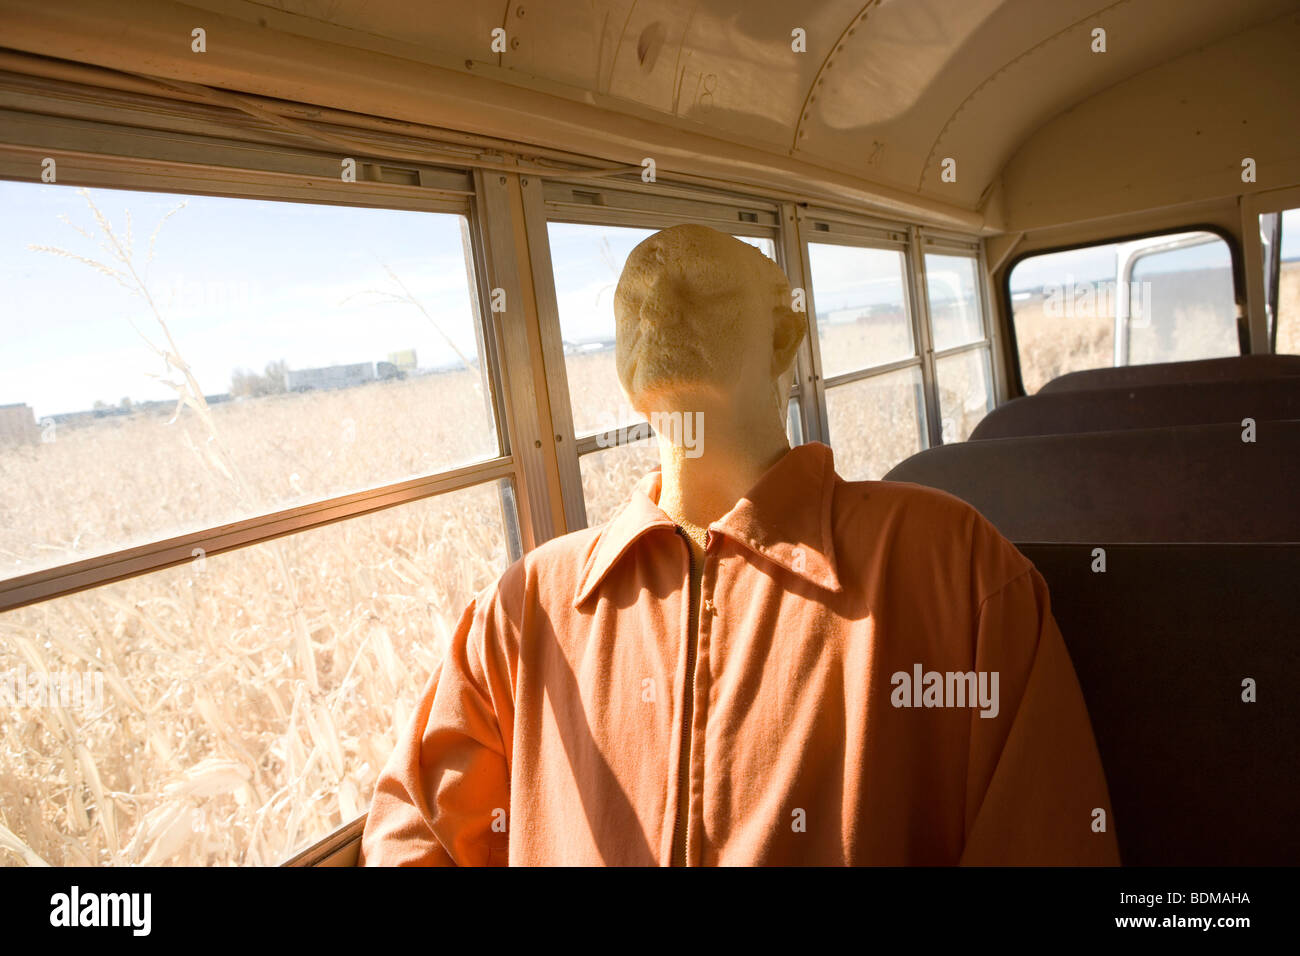 Manichino vestito di prigioniero di abbigliamento, equitazione in un bus di scuola, campo abbandonato, mais, agriturismo, Immagini Stock